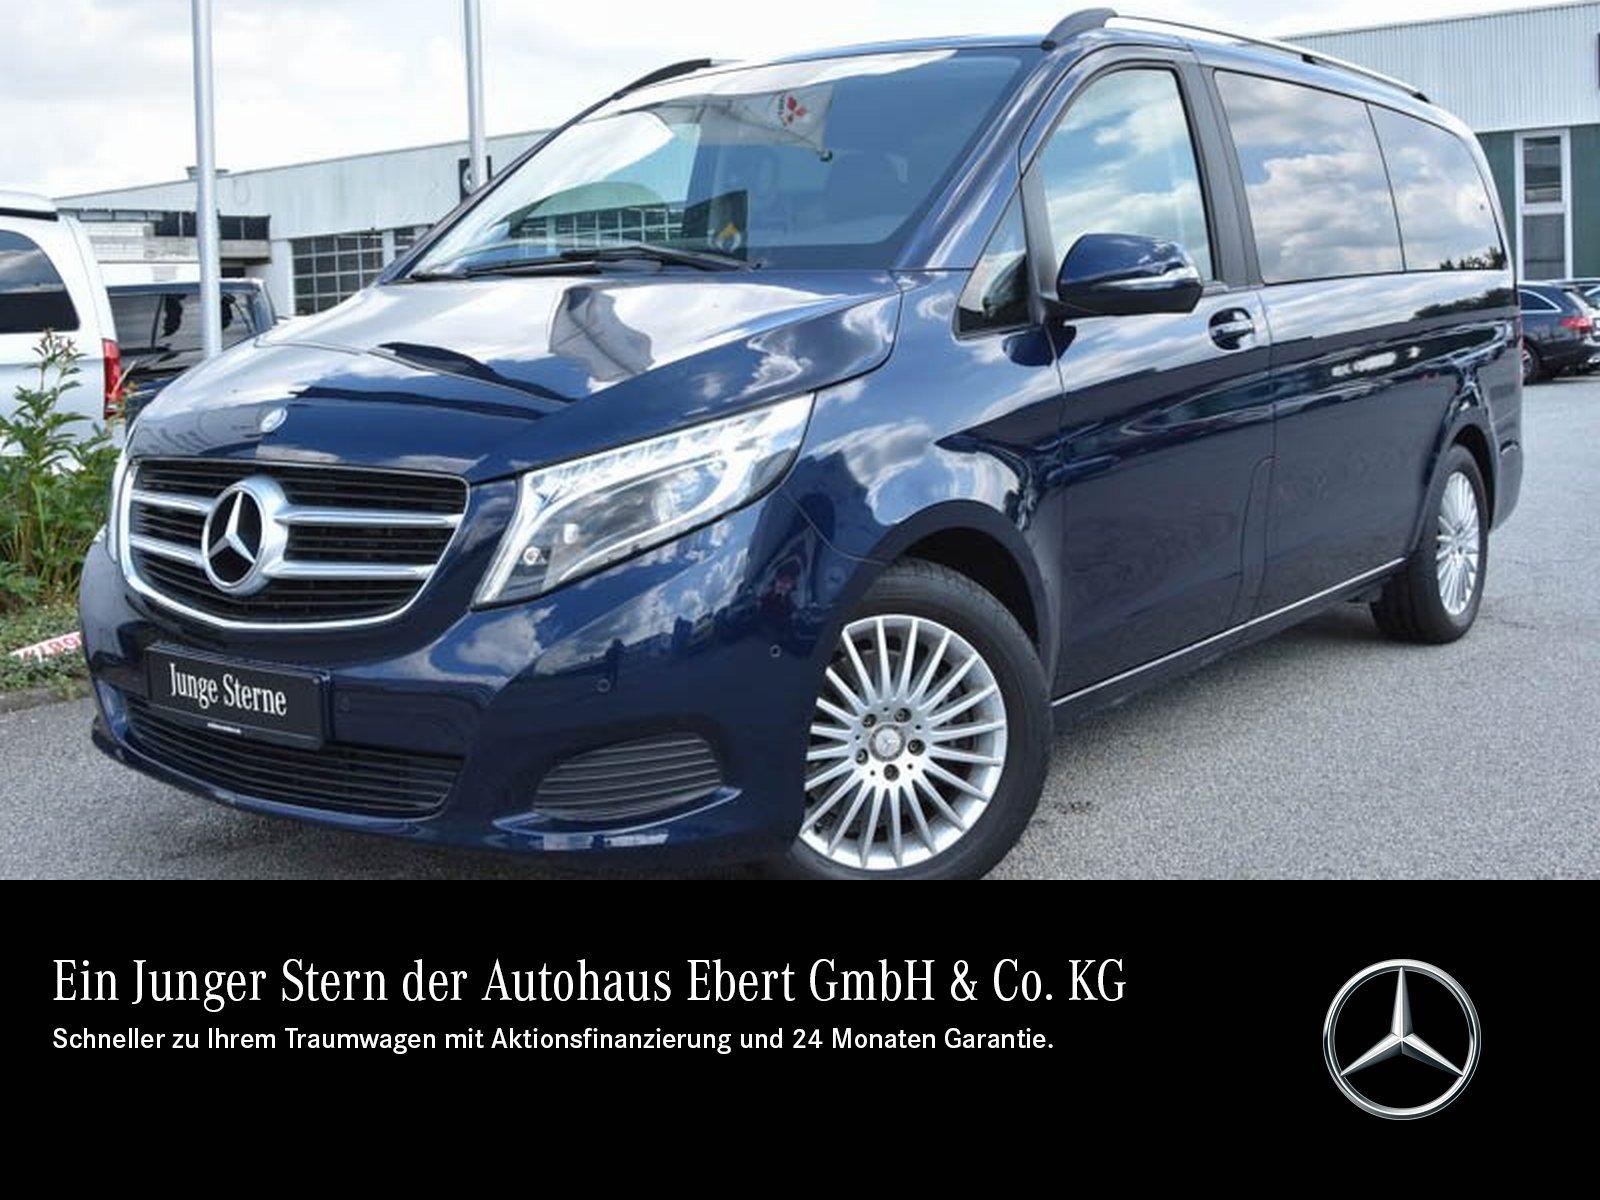 Mercedes-Benz V 220 d EDITION lang 7G+RFK+LED+EASYP+SHZG+AHK, Jahr 2017, Diesel